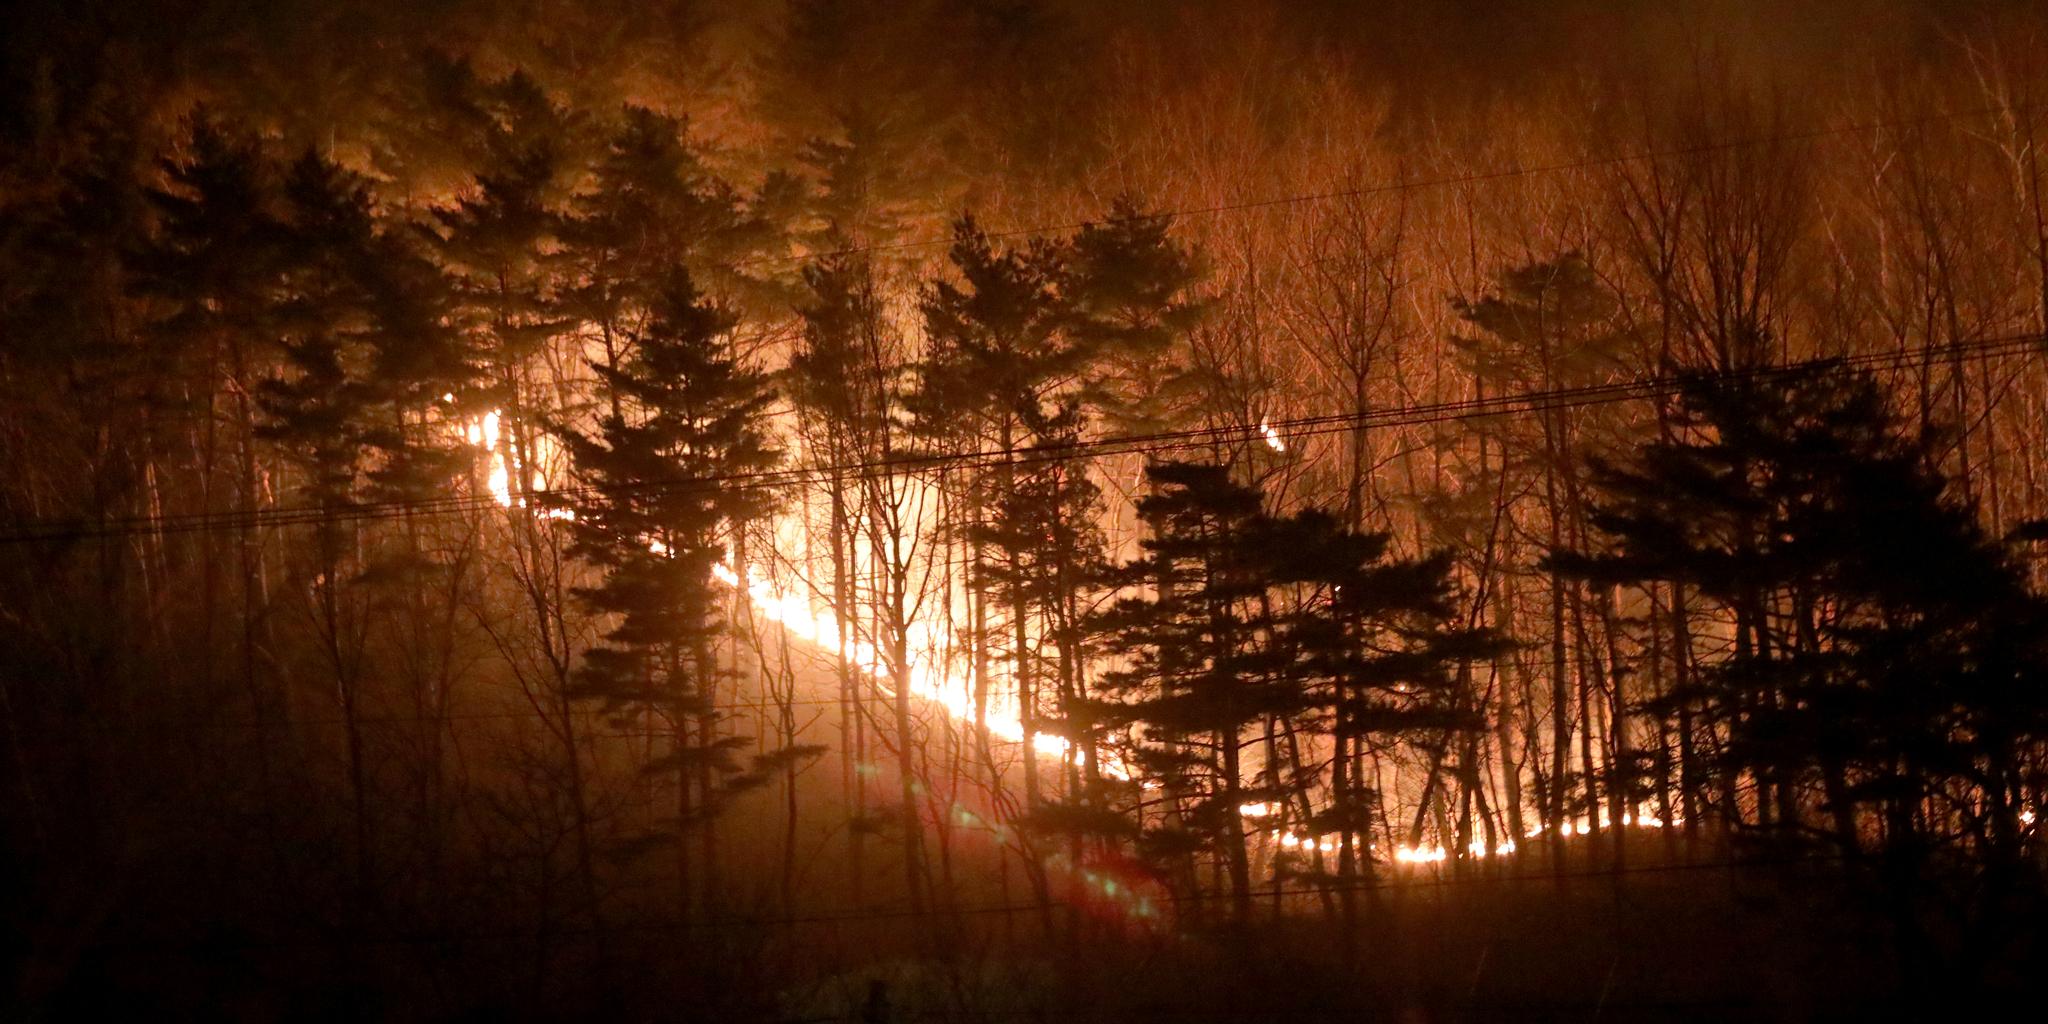 기해년 새해 첫날인 지난 1일 강원도 양양군 서면 송천리 일대 야산에서 발생한 산불이 한밤 중에도 강한 바람을 타고 번지고 있다. [뉴스1]